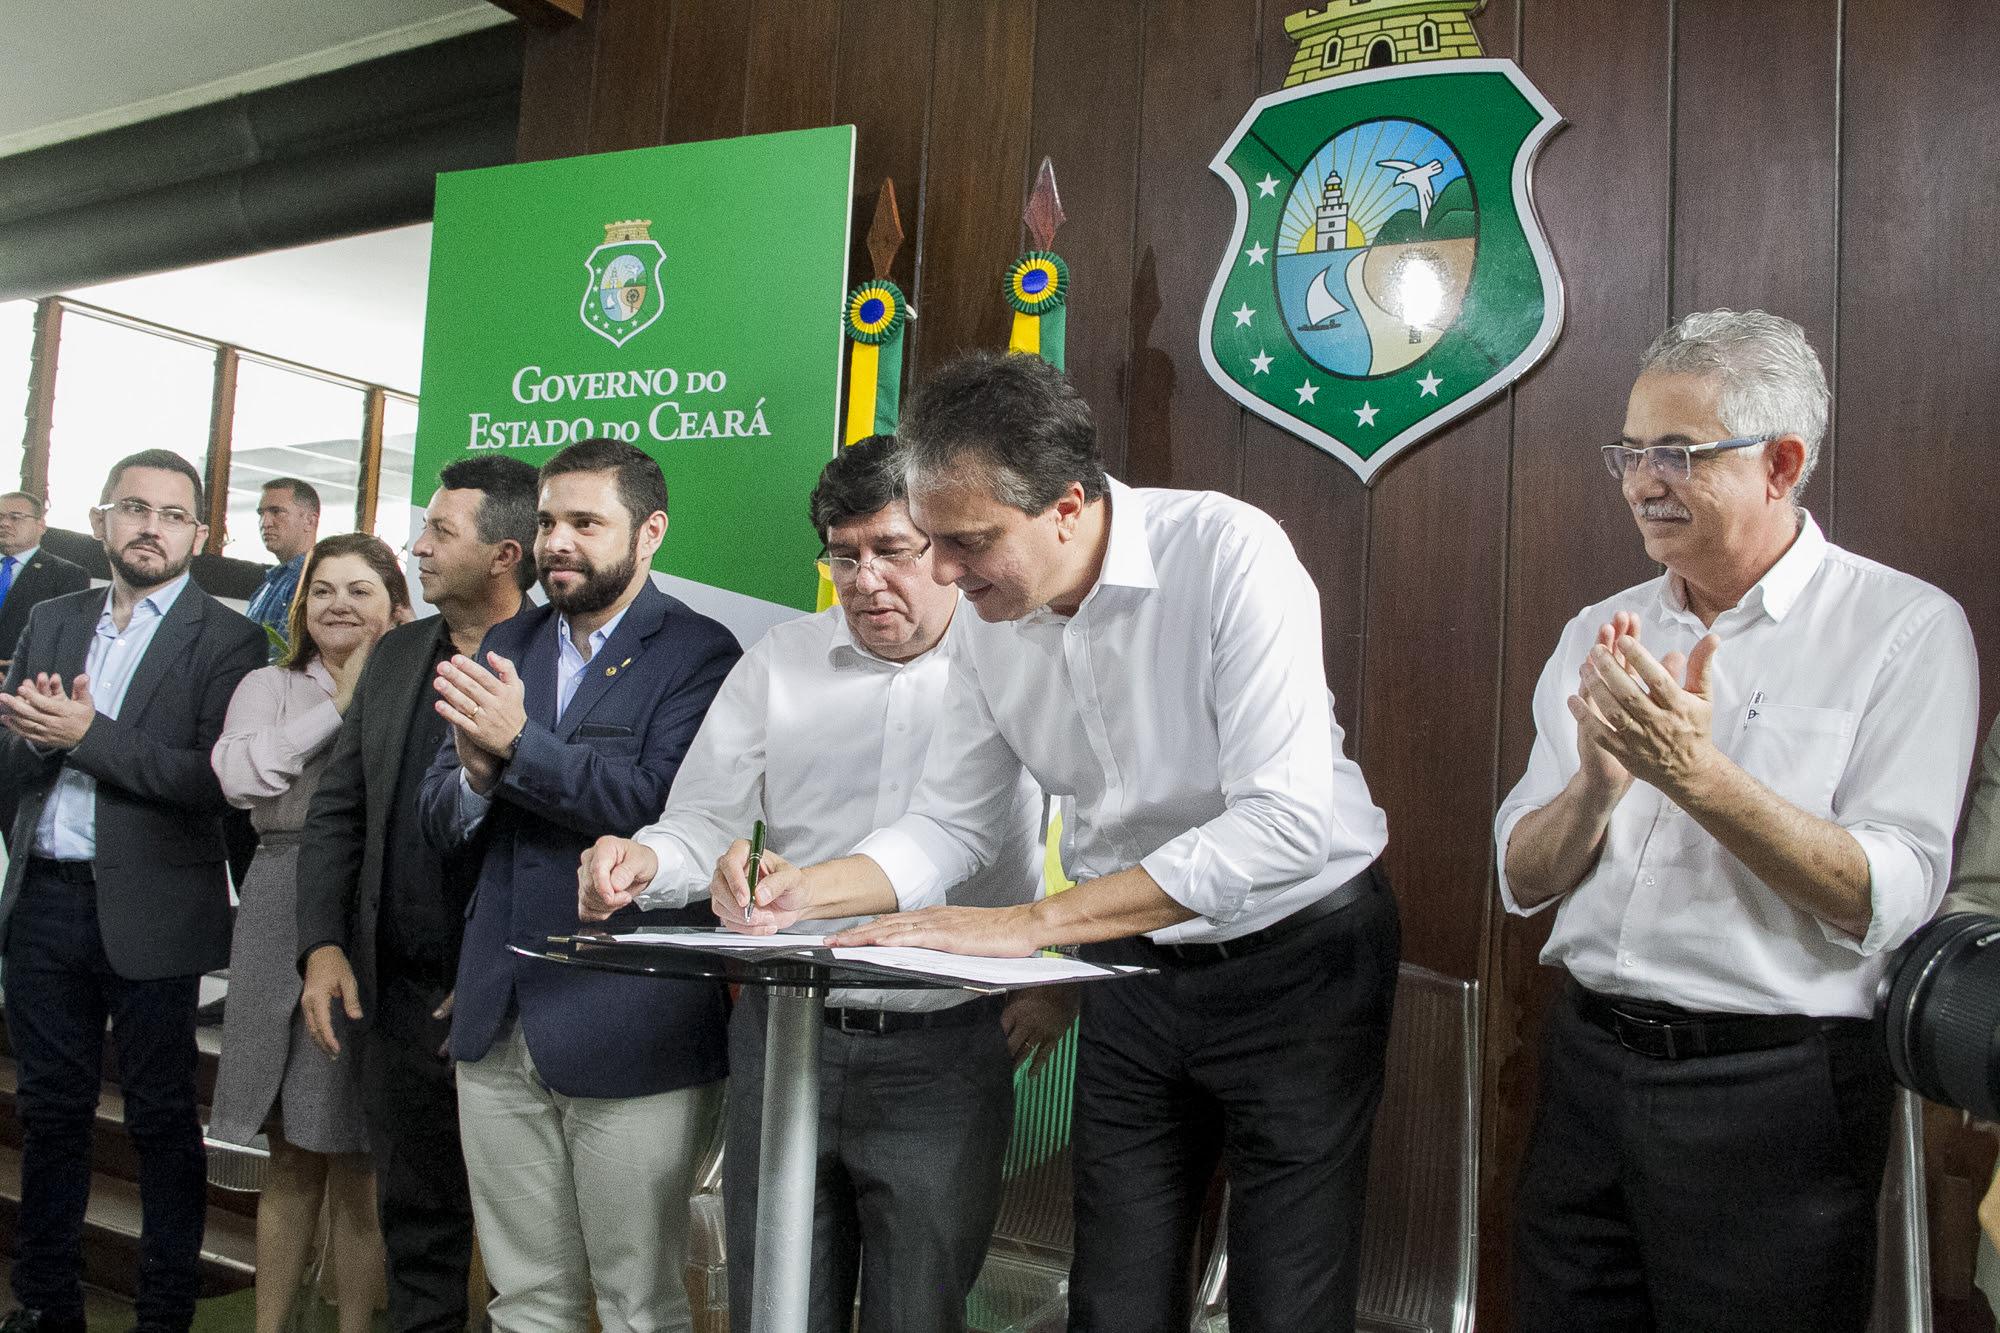 Governador sanciona leis da nova regionalização da saúde e estrutura da Sesa